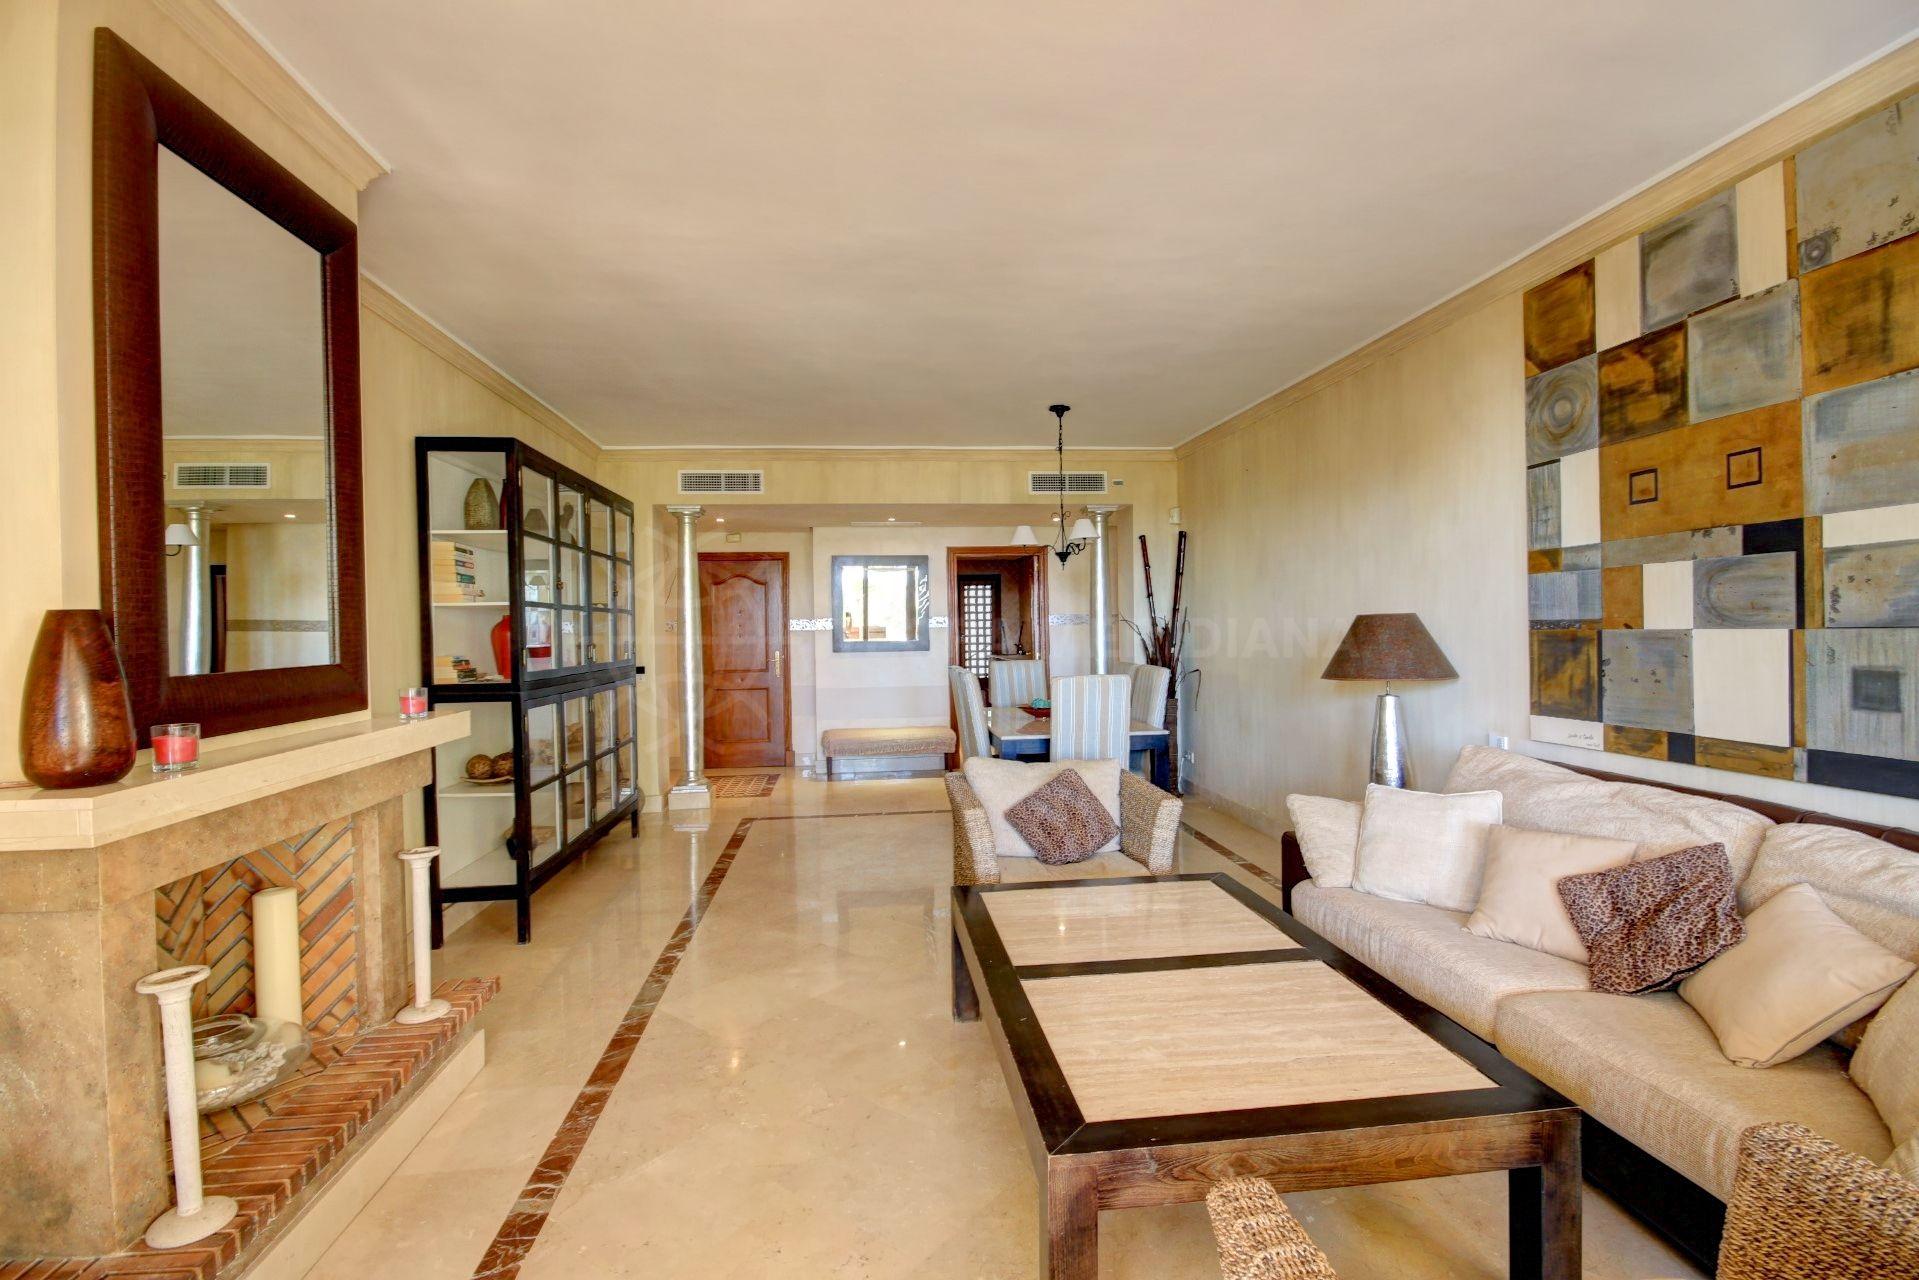 Apartamento en venta en bah a del veler n estepona - Apartamentos en venta en estepona ...